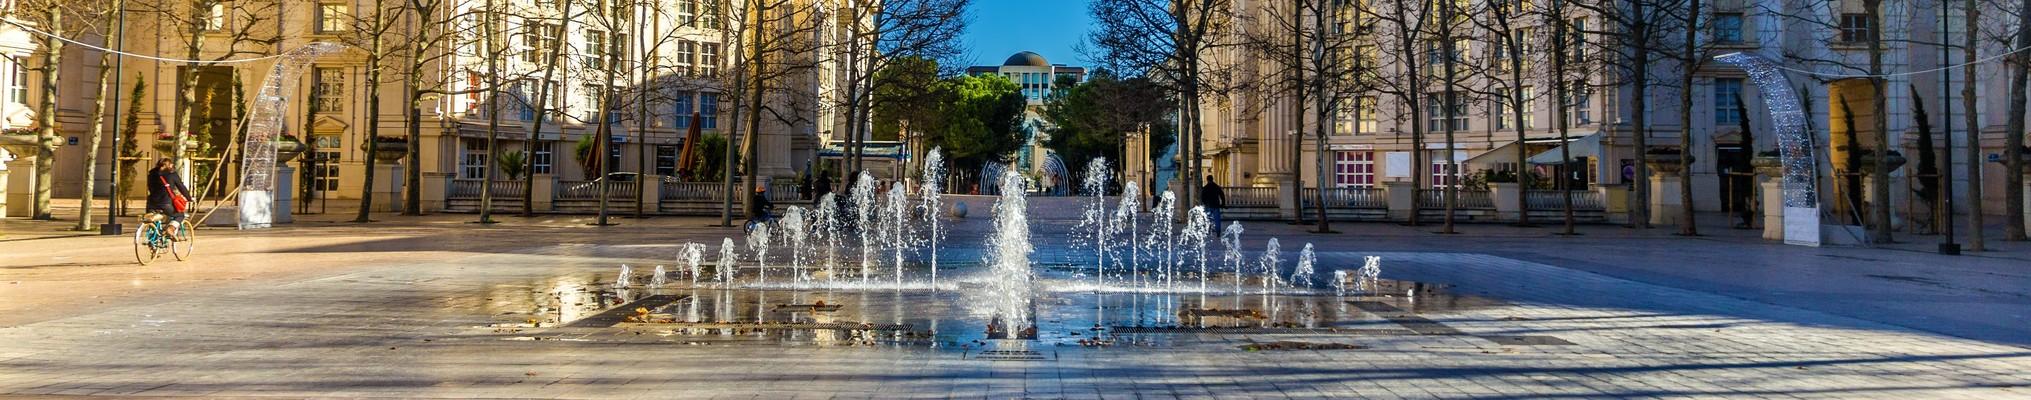 Place avec fontaines à Montpellier